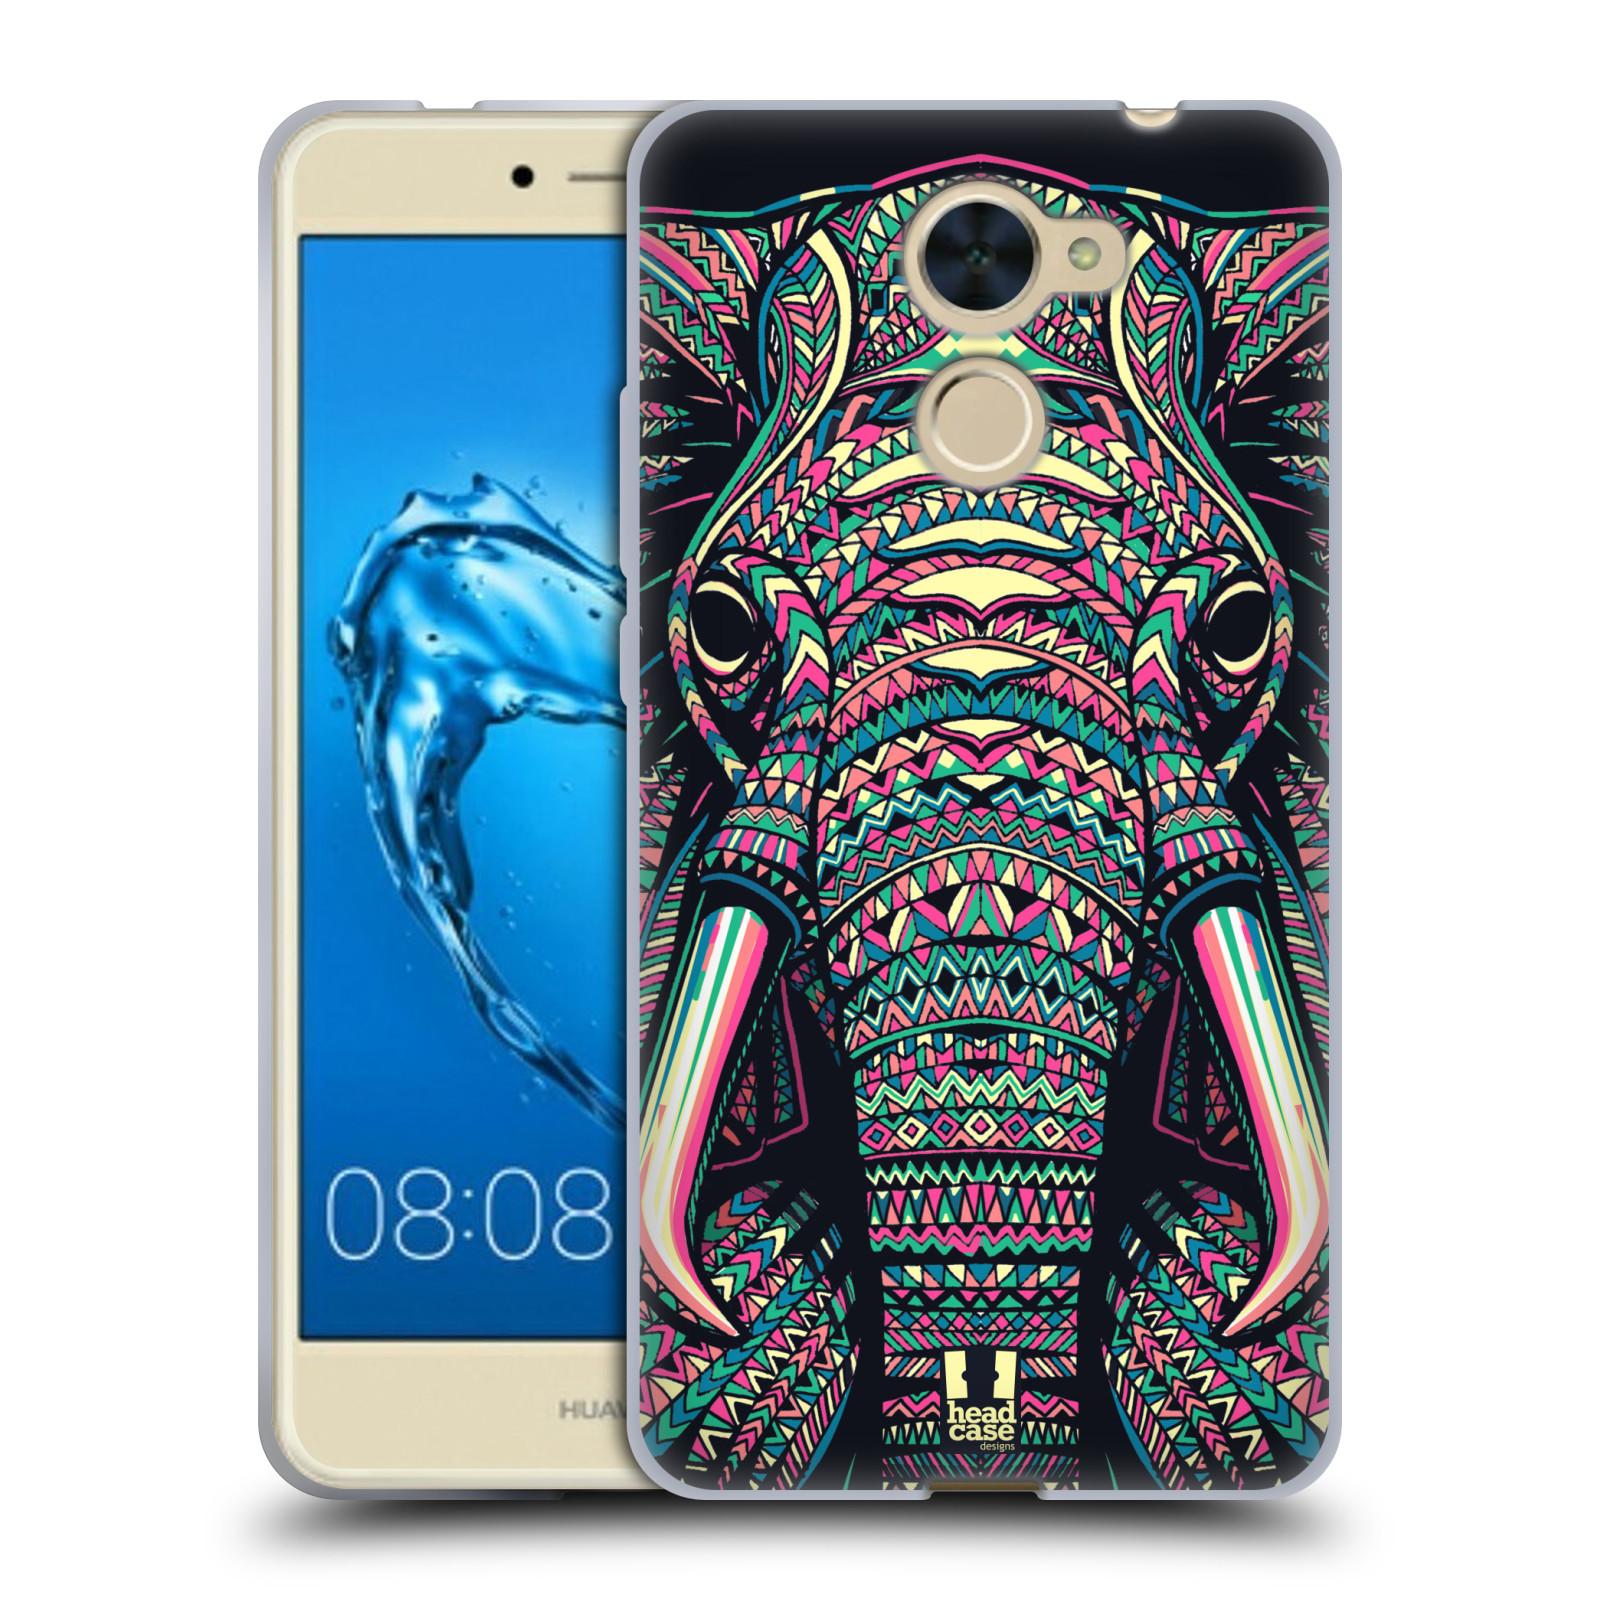 Silikonové pouzdro na mobil Huawei Y7 - Head Case - AZTEC SLON